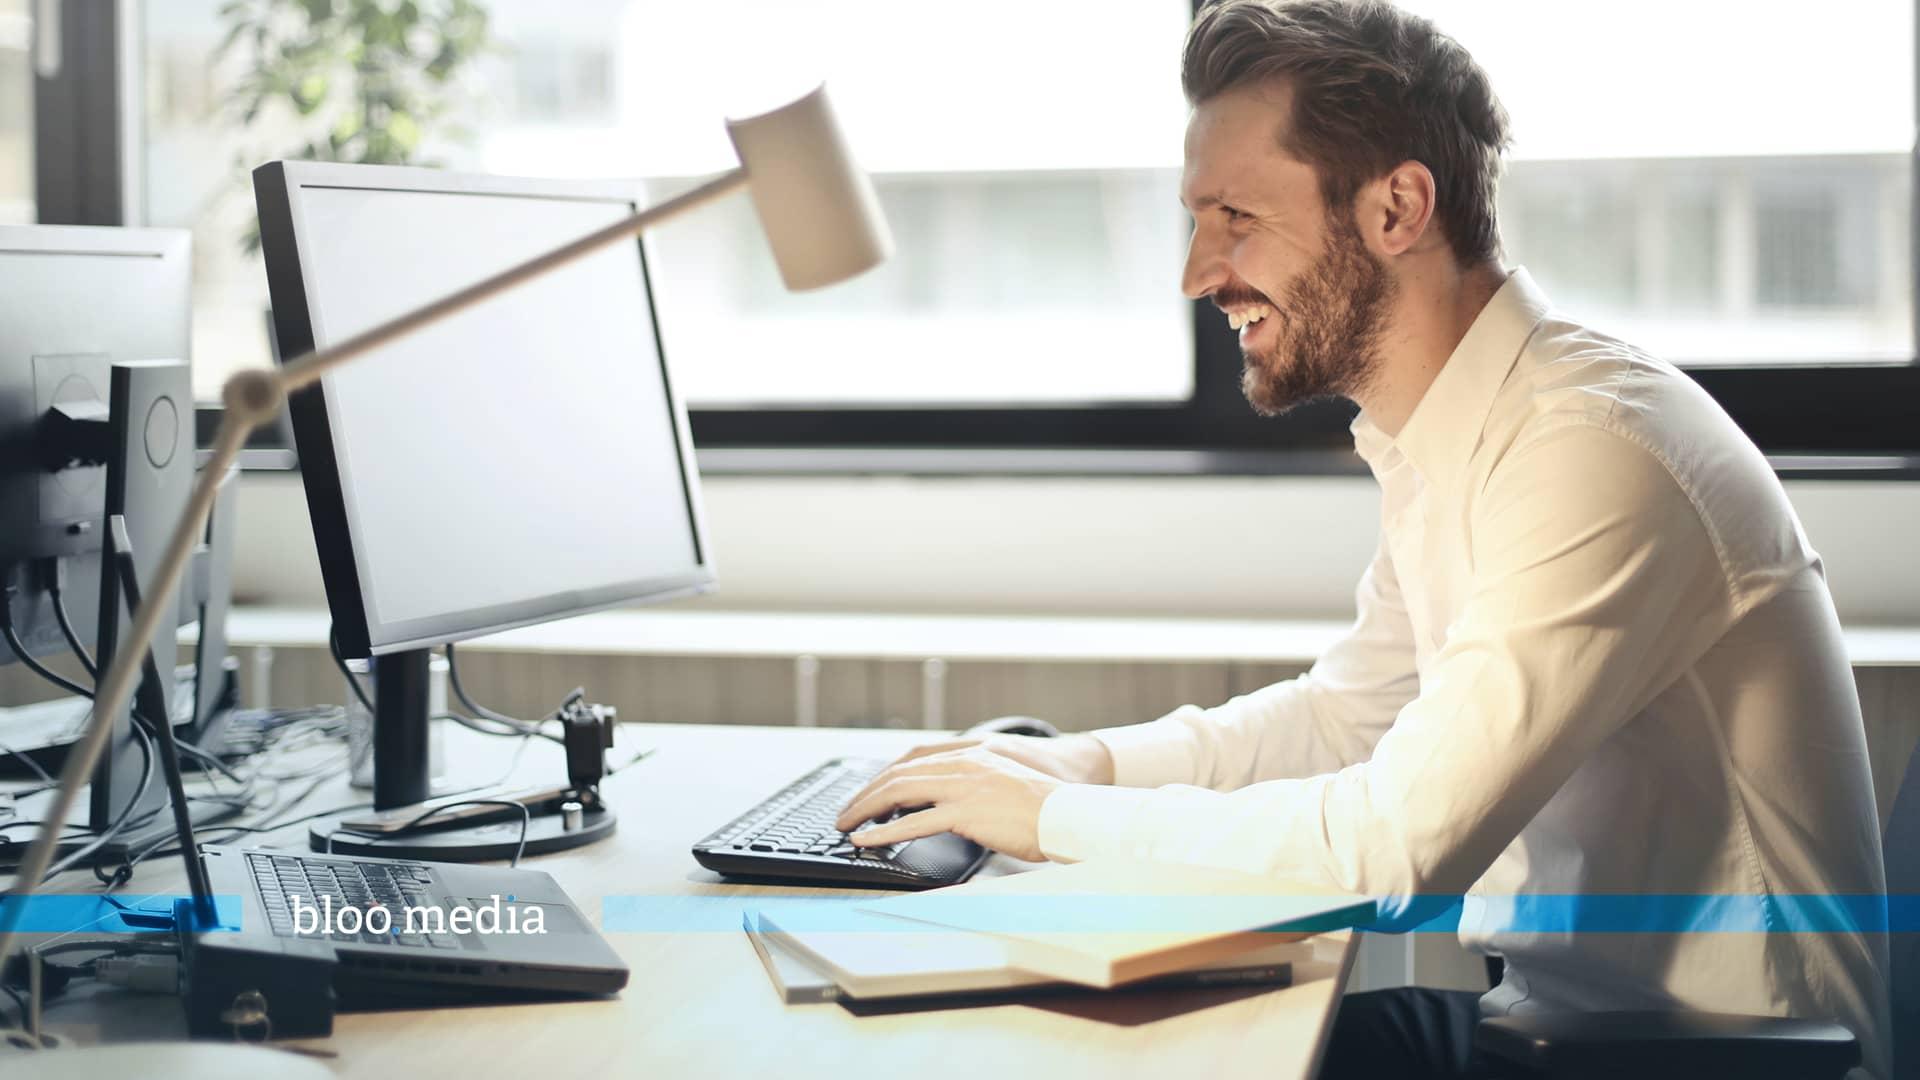 Comunicación Digital para revolucionar tu negocio